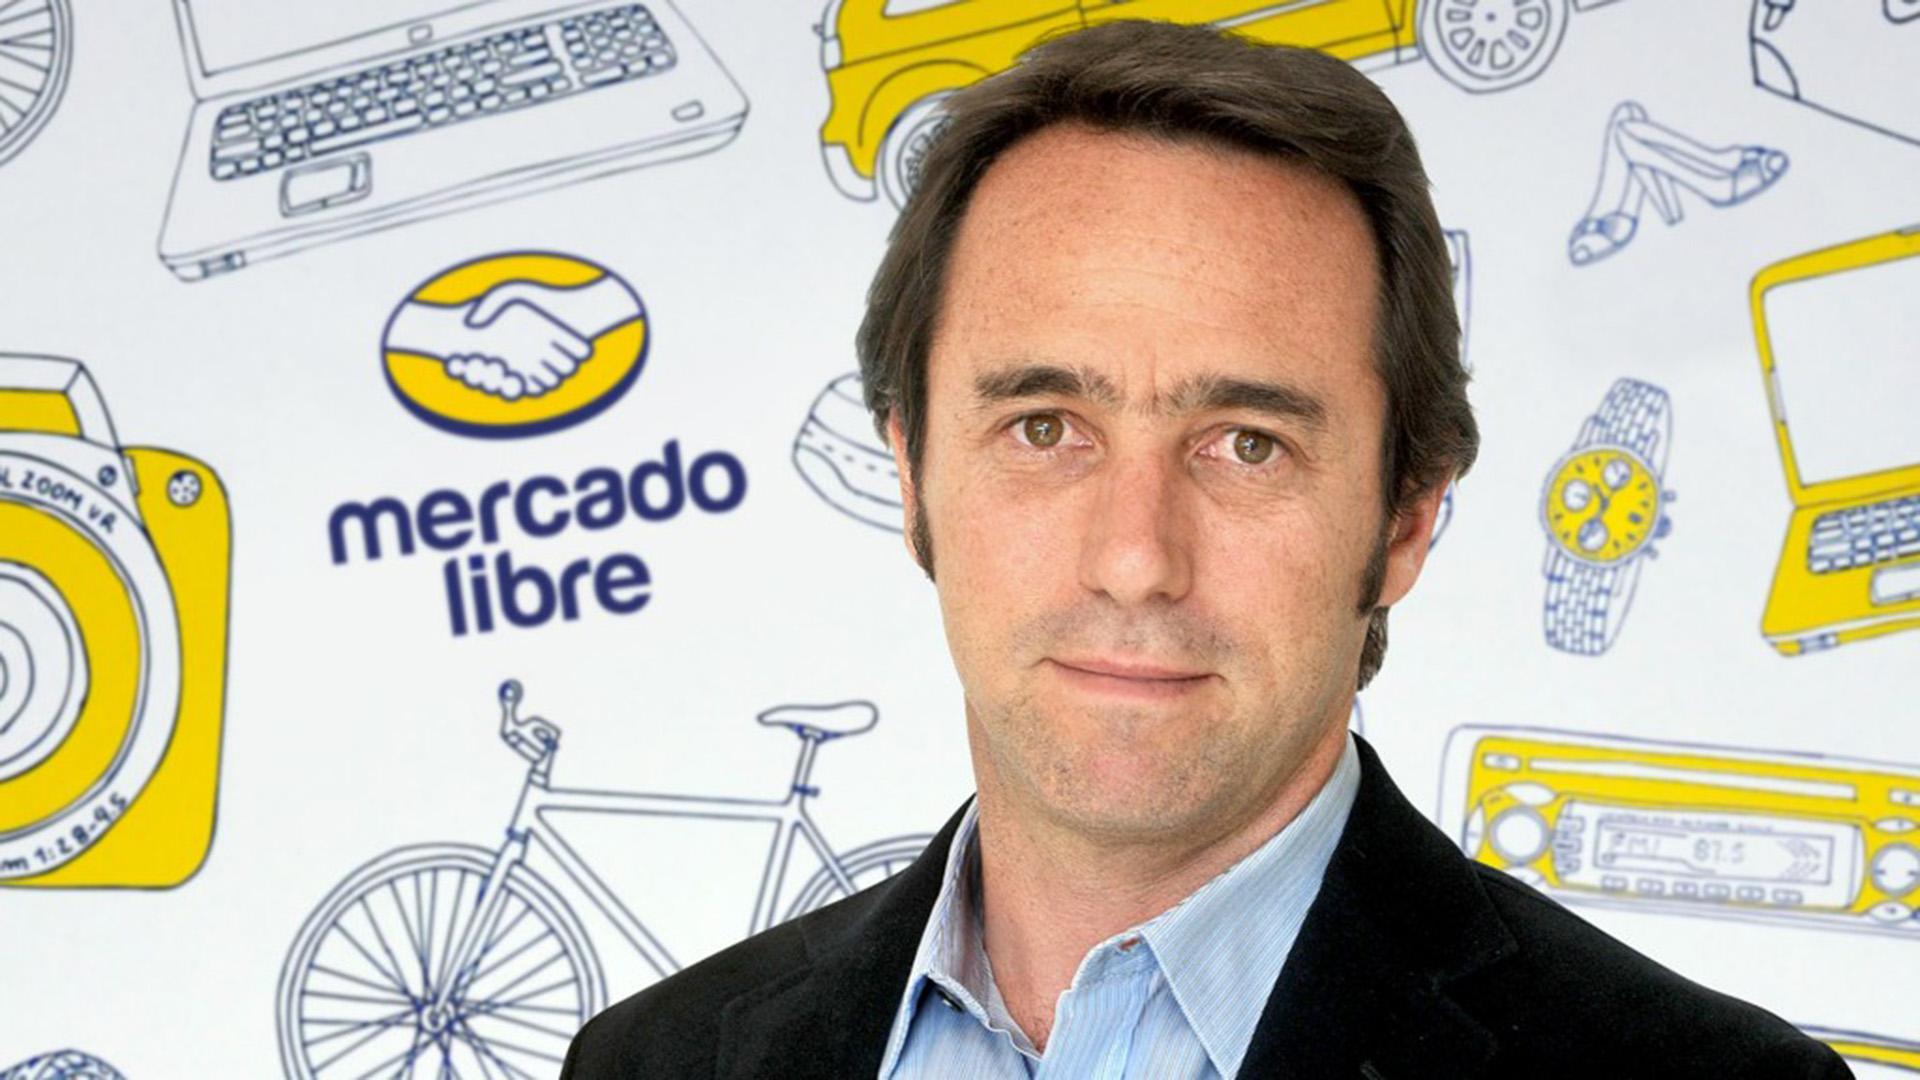 Marcos Galperín avanza con proyectos para expandir la empresa, pero los Camioneros le ponen palos en la rueda